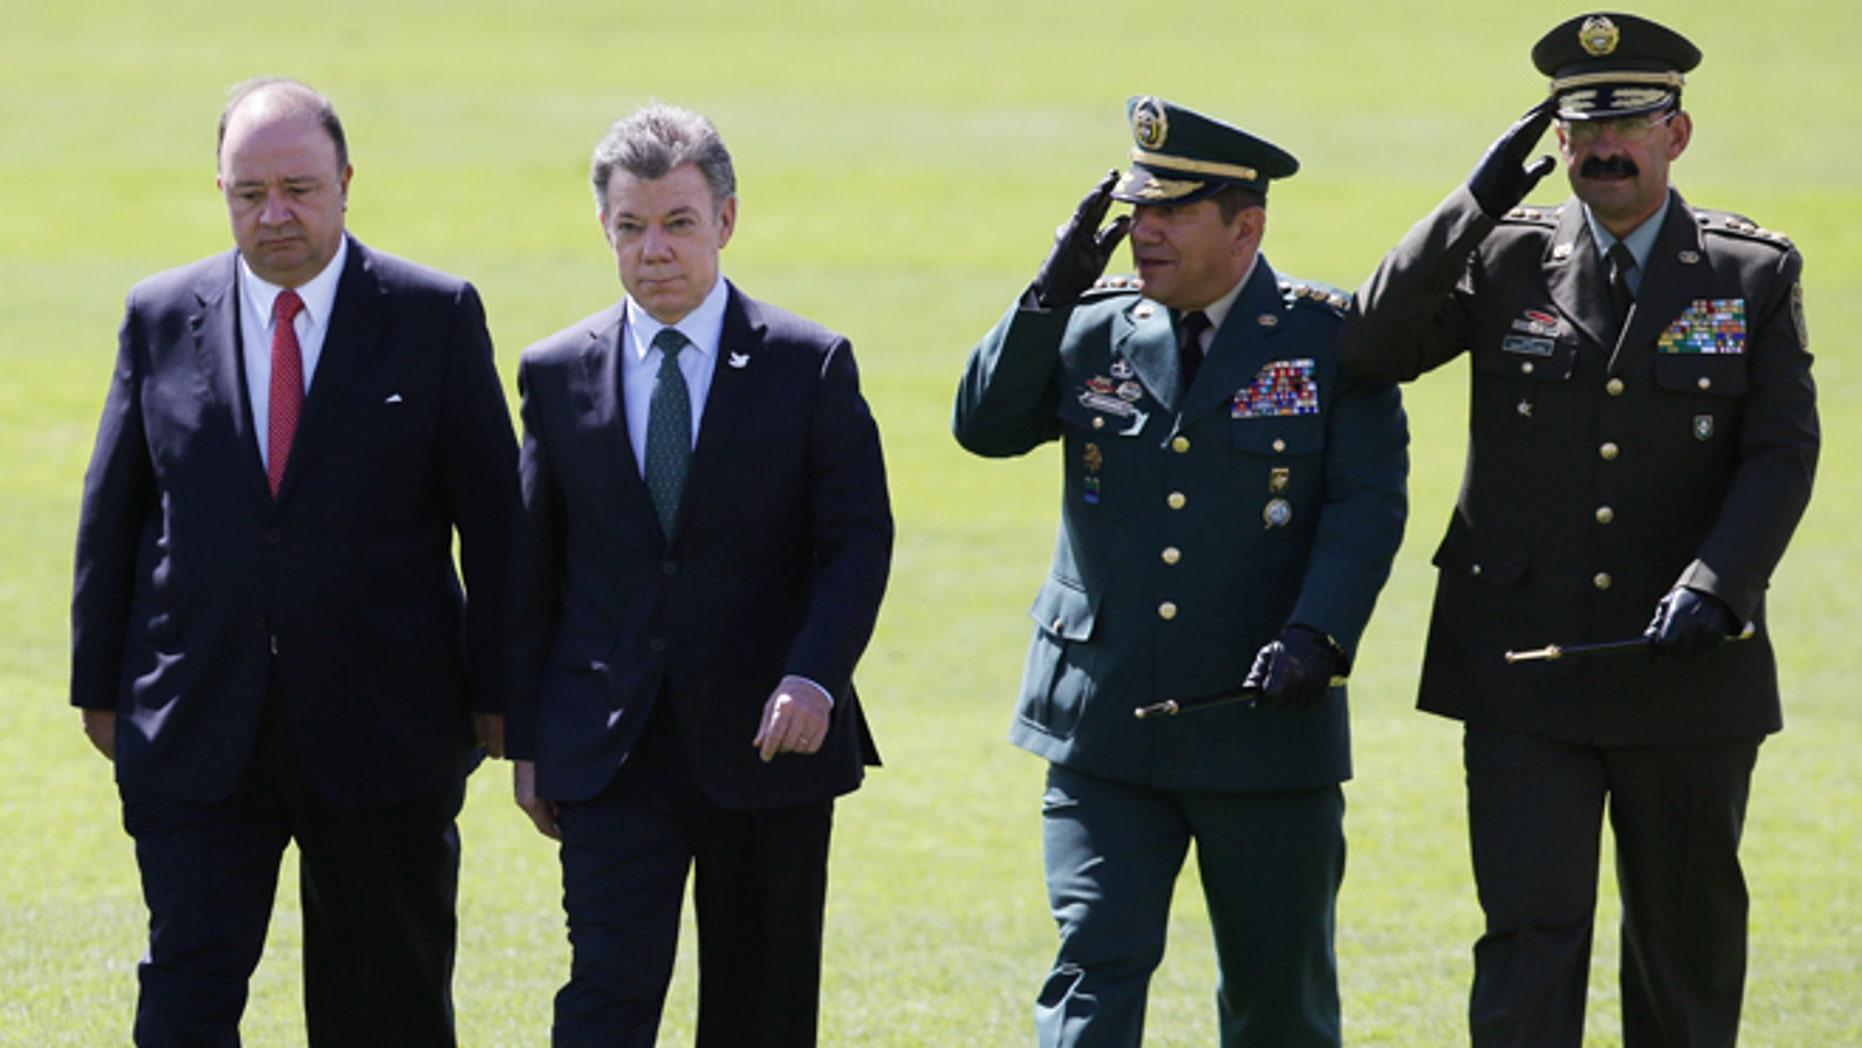 De izquierda a derecha, el ministro colombiano de Defensa, Luis Carlos Villegas; el presidente, Juan Manuel Santos; el comandante de las Fuerzas Armadas Juan Pablo Rodríguez y el jefe de la policía colombiana, Rodolfo Palomino, pasan revista a las tropas durante una ceremonia militar en Bogotá, Colombia, el 9 de julio de 2015. (AP Foto/Fernando Vergara)